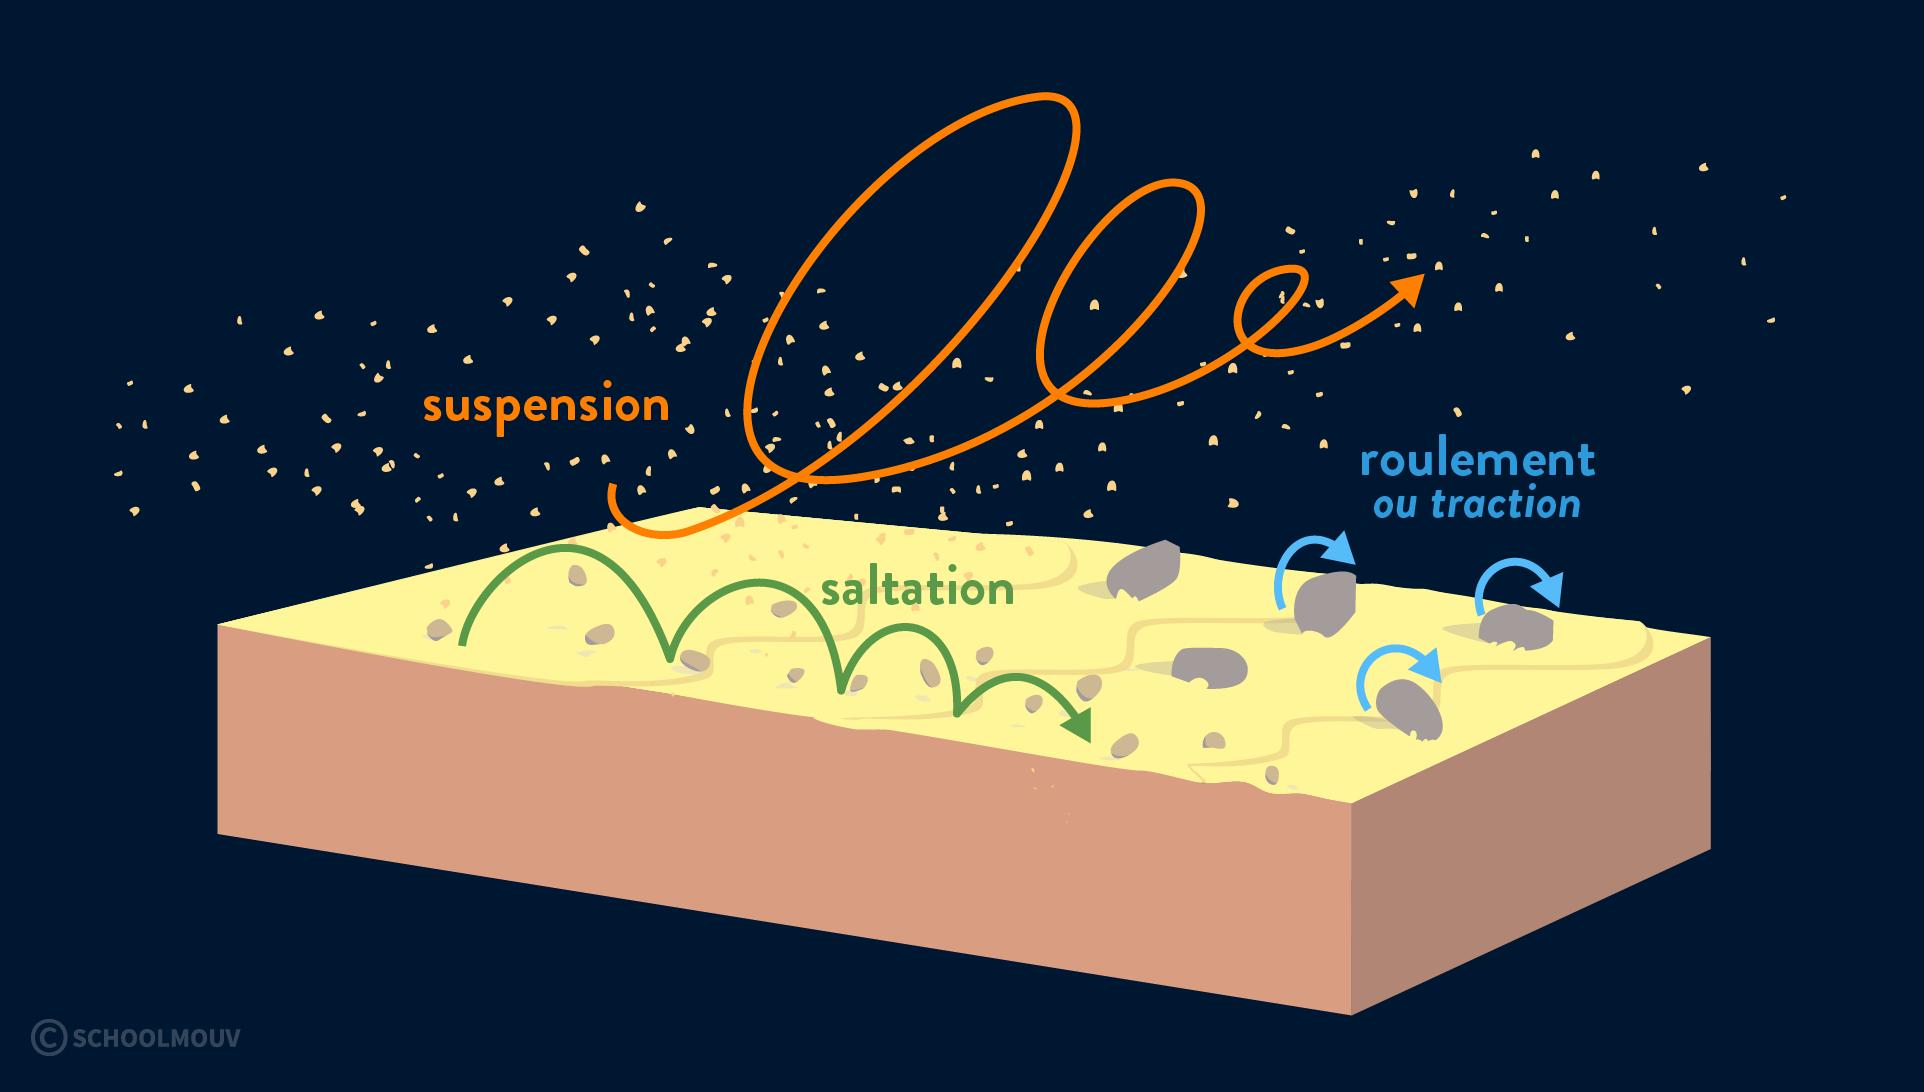 érosion éolienne transport des particules saltation suspension roulement